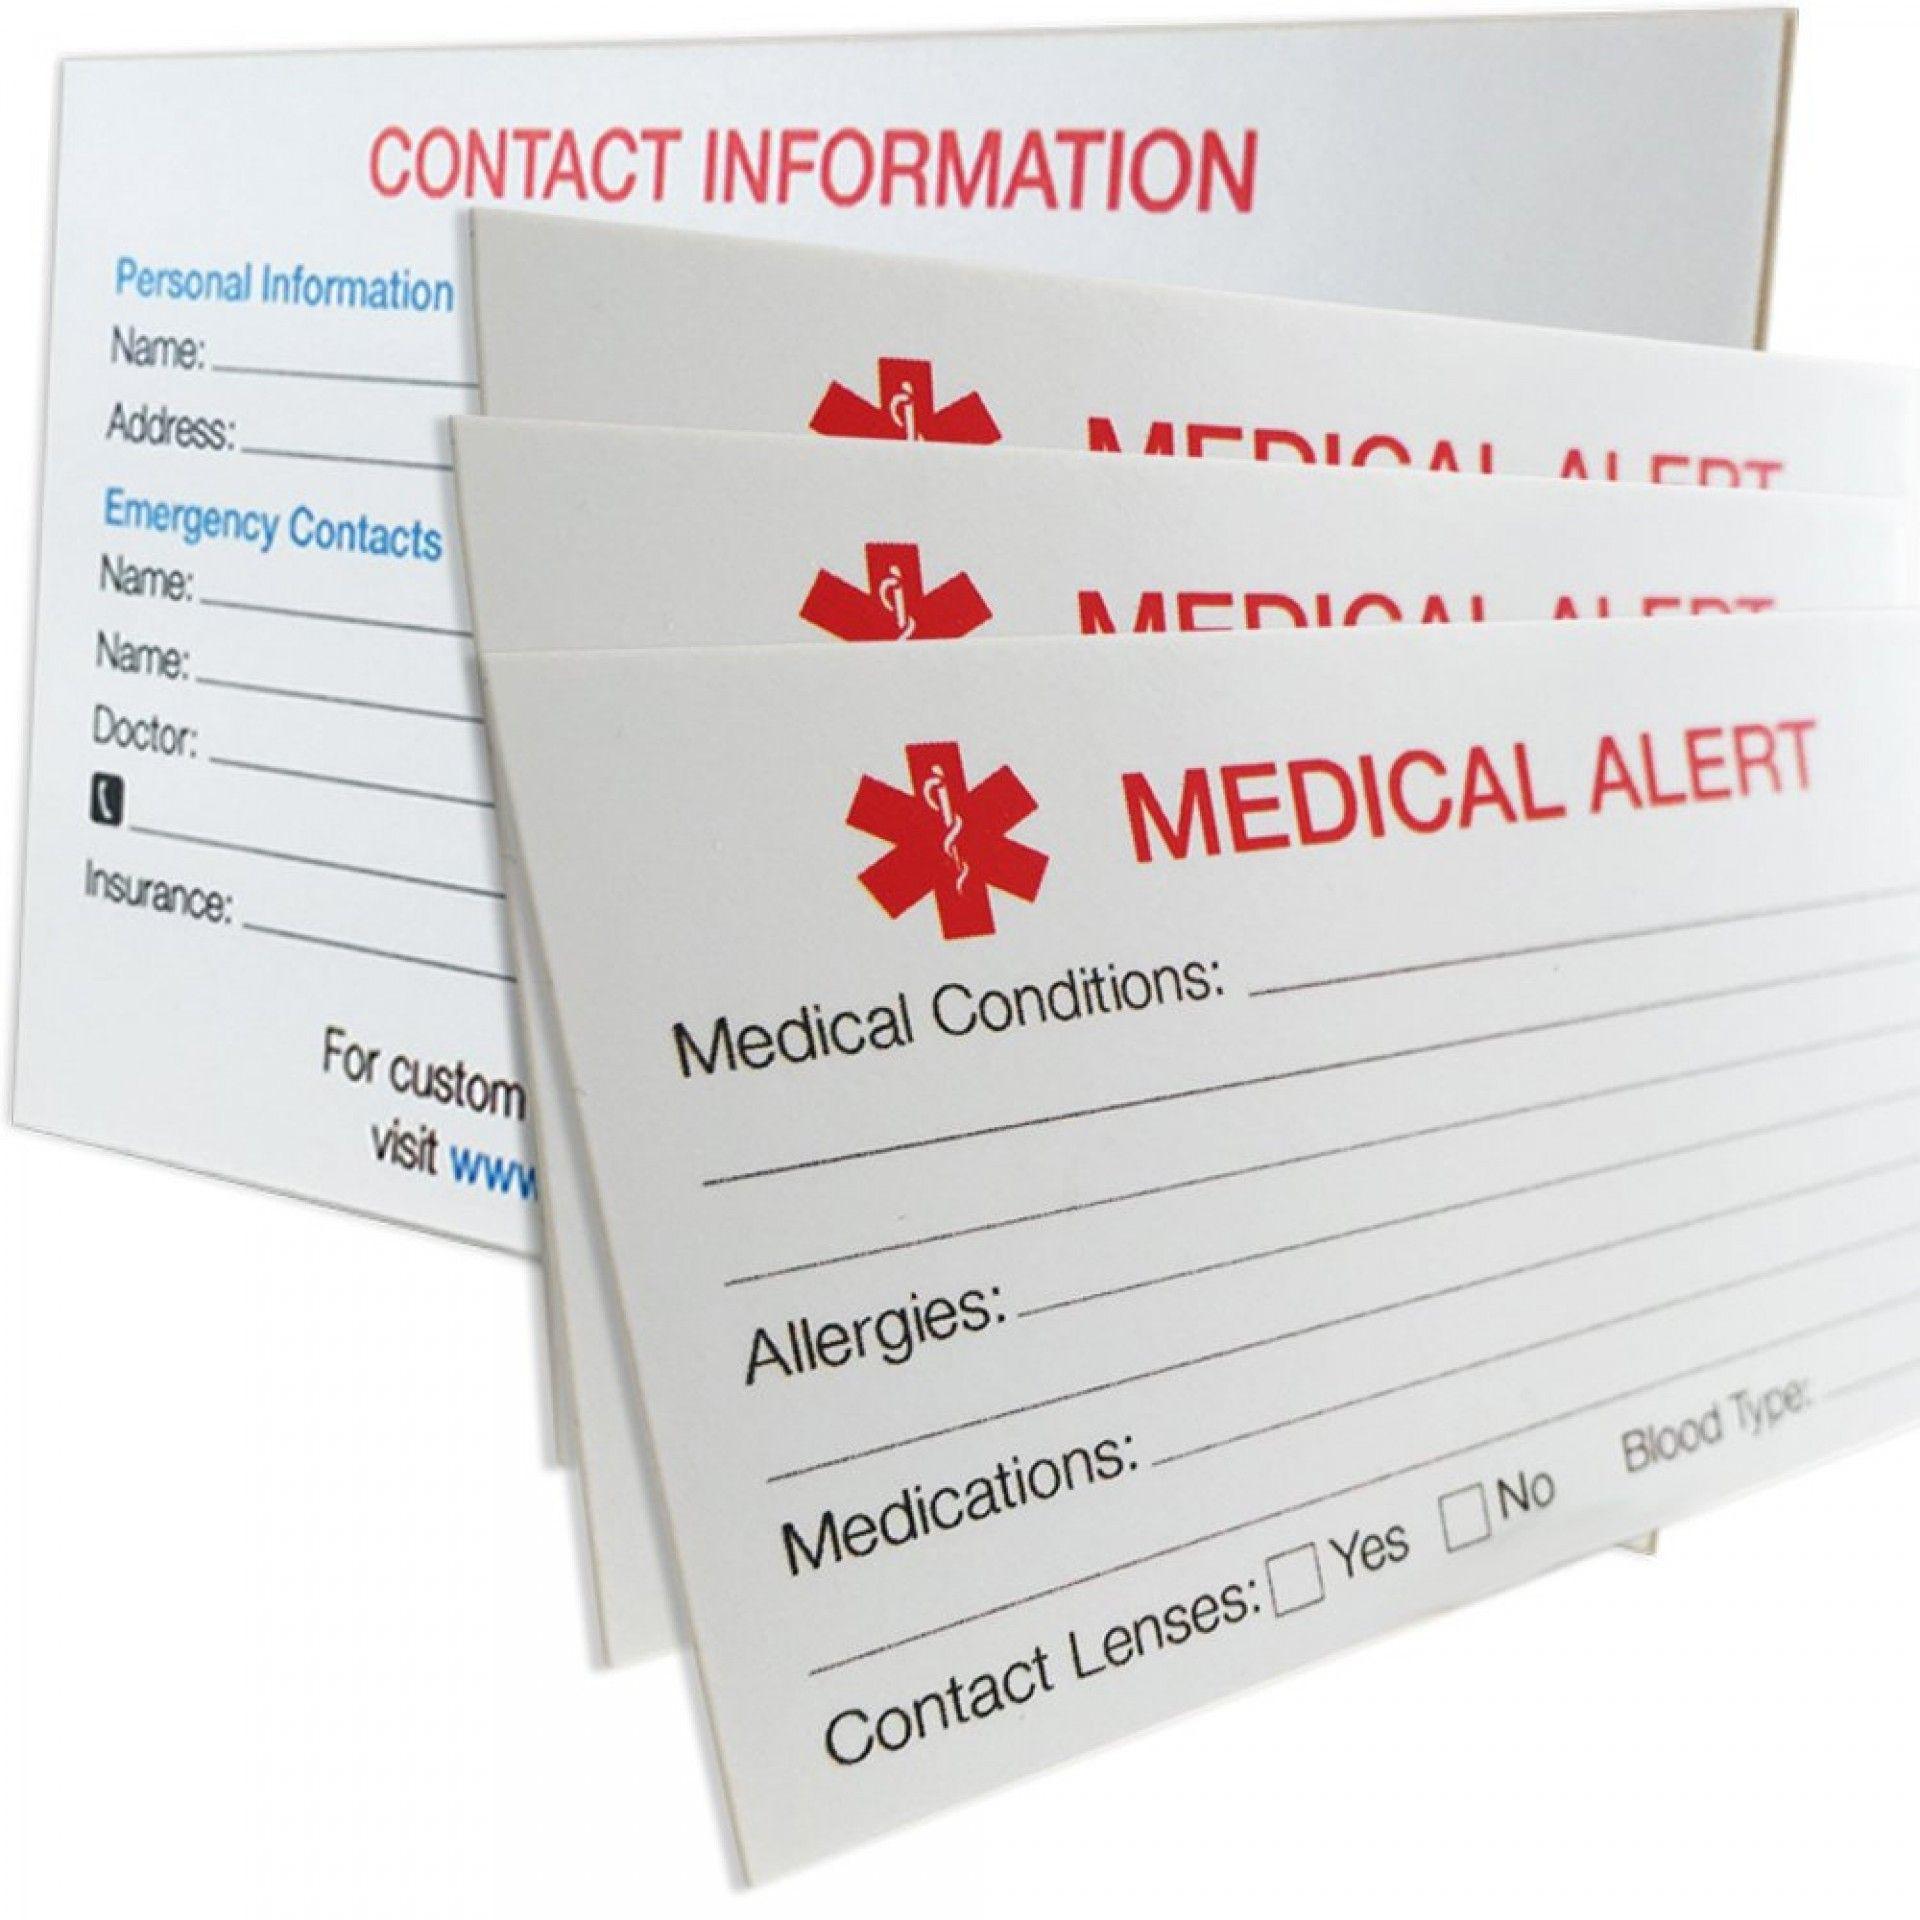 011 Template Ideas Htb1ynxfpvxxxxauaxxxq6xxfxxxo Medical Regarding Medical Alert Wallet Card Template Medical Alert Free Business Card Templates Card Template